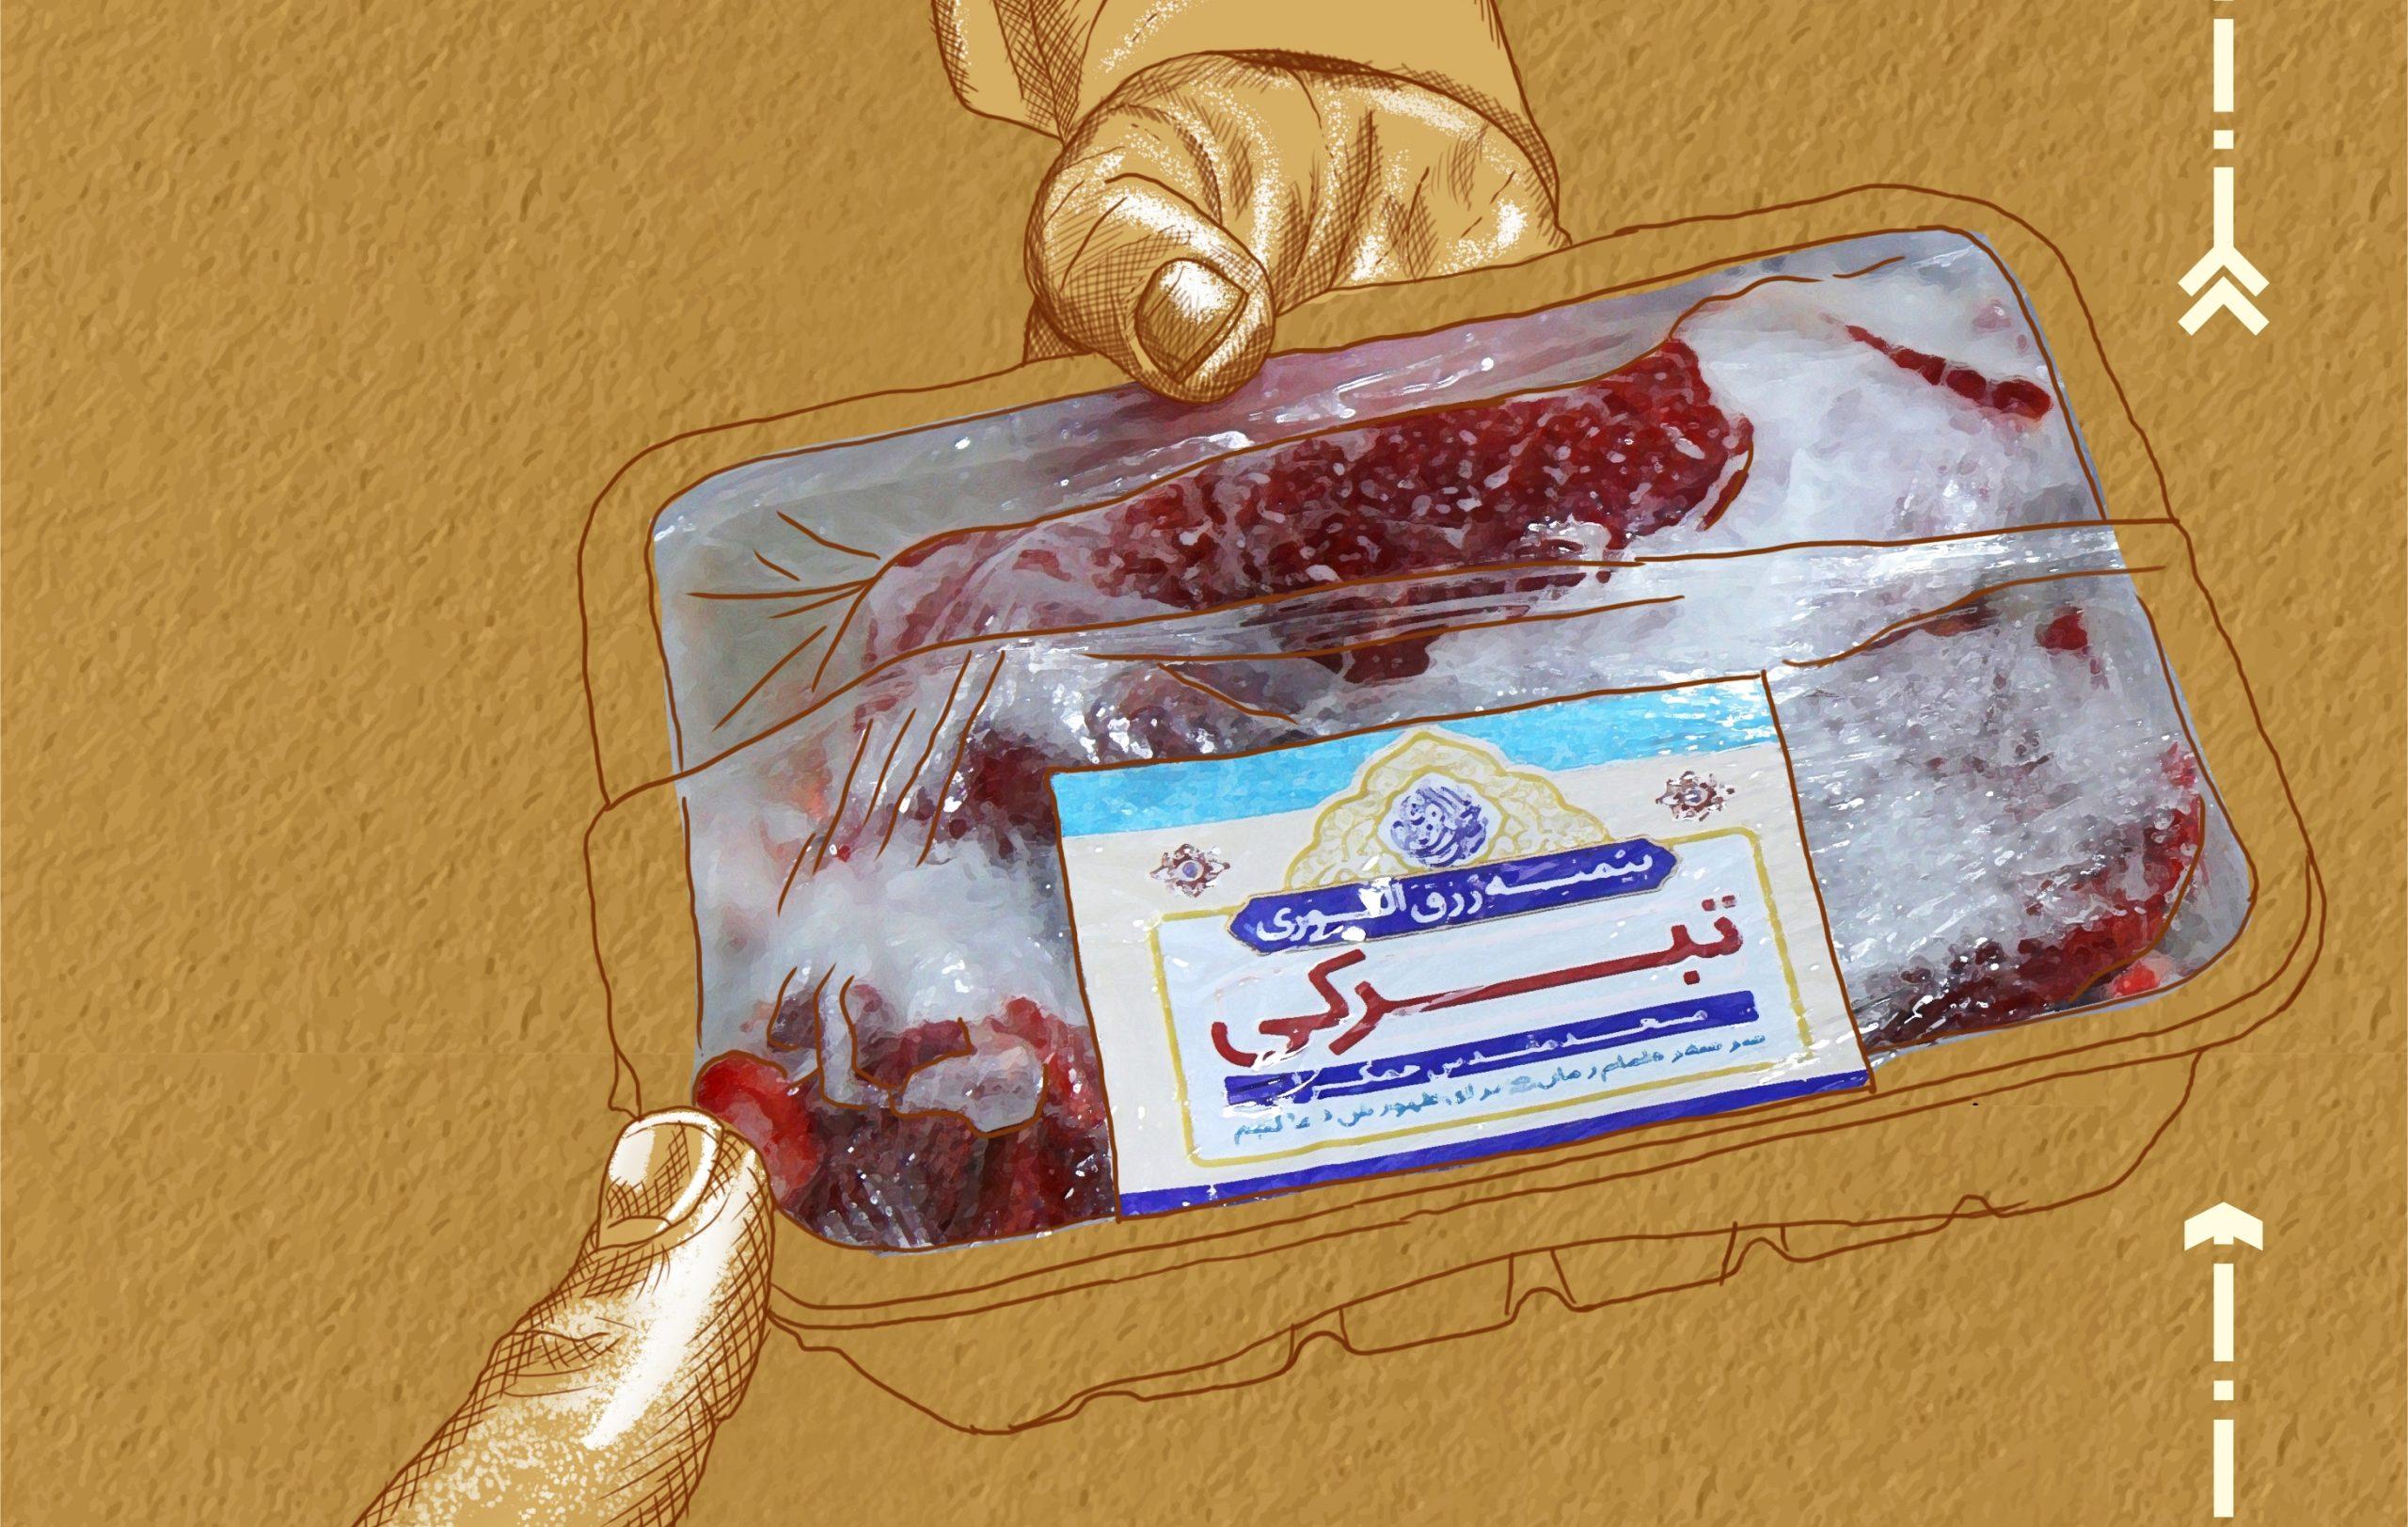 برنامه قرارگاه مردمی گامی به سوی جامعه مهدوی در ماه رجب/ توزیع ۸۰ هزار بسته گوشت تبرکی در ۵ گام اول